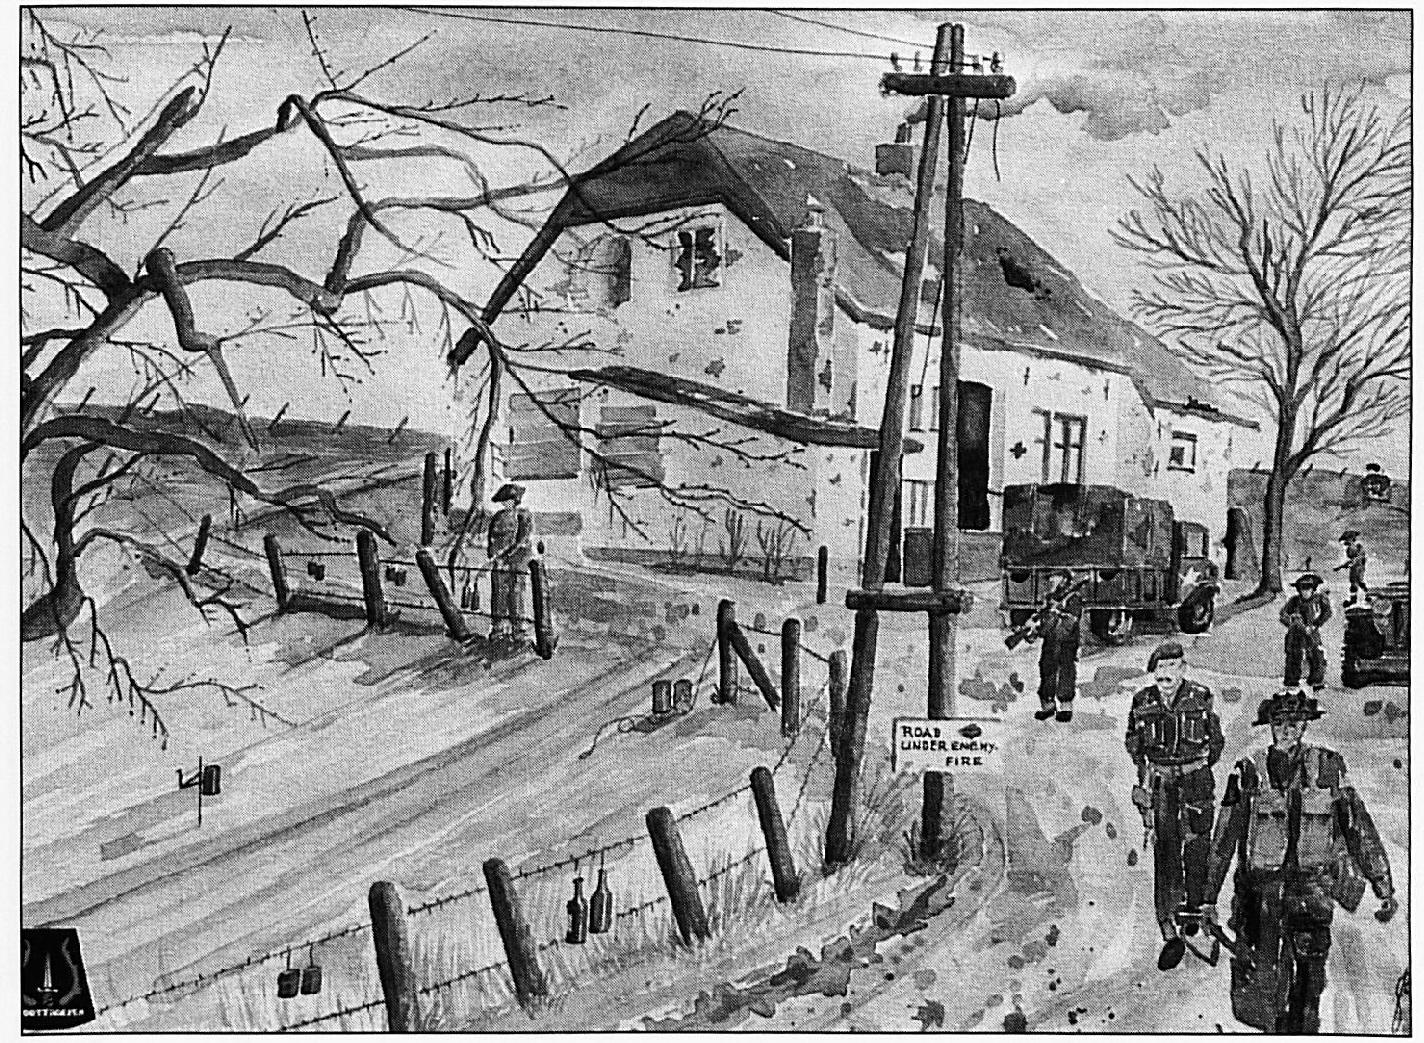 Het huis van de familie Van de Hurk aan de Waalbandijk tijdens de oorlog. Het schilderij werd gemaakt door Dhr. Bos, die lid was van de Binnenlandse Strijdkrachten en die in Wamel gelegerd was.